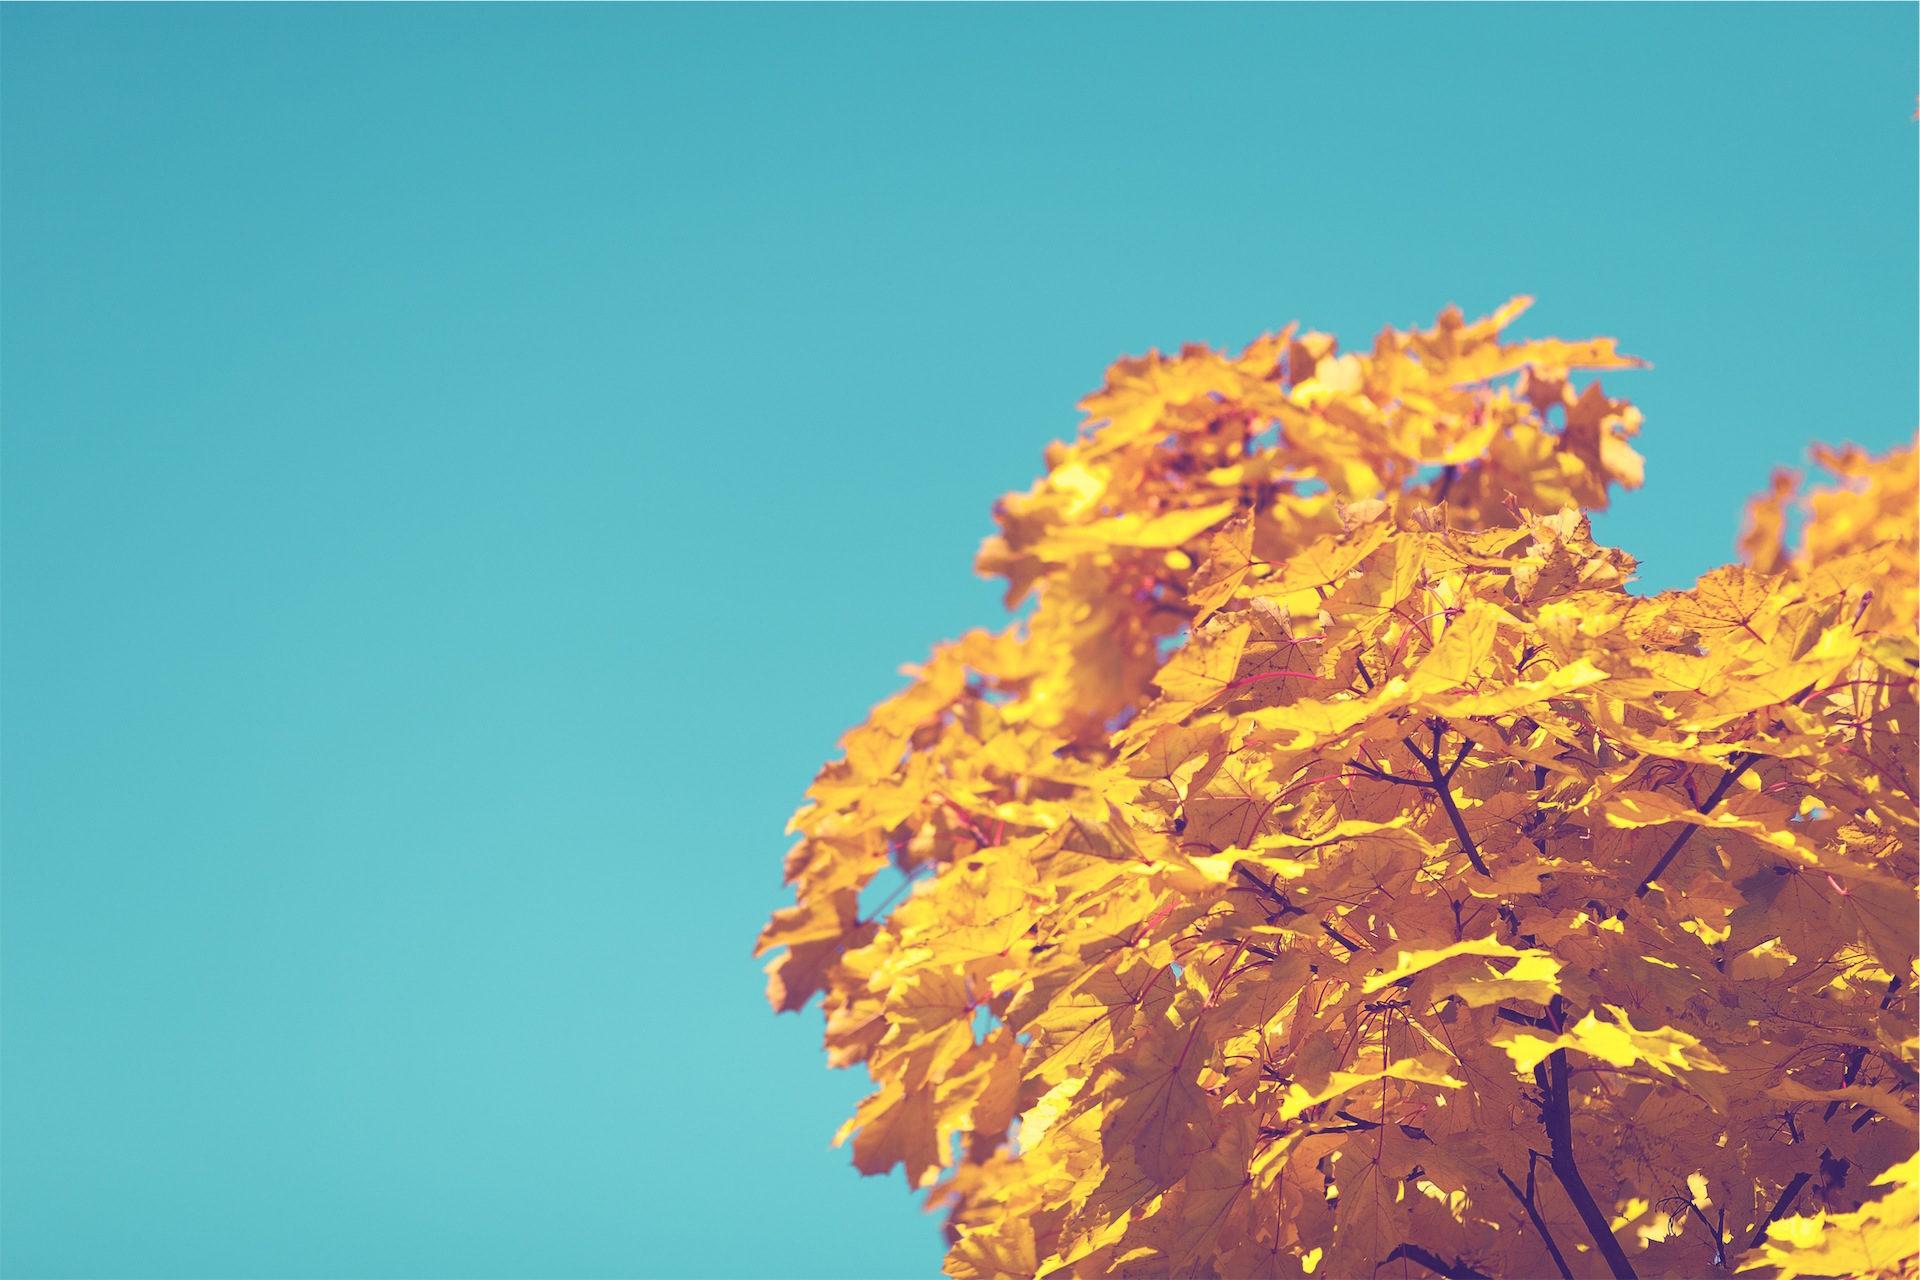 árvore, filial, folhas, seca, Outono - Papéis de parede HD - Professor-falken.com